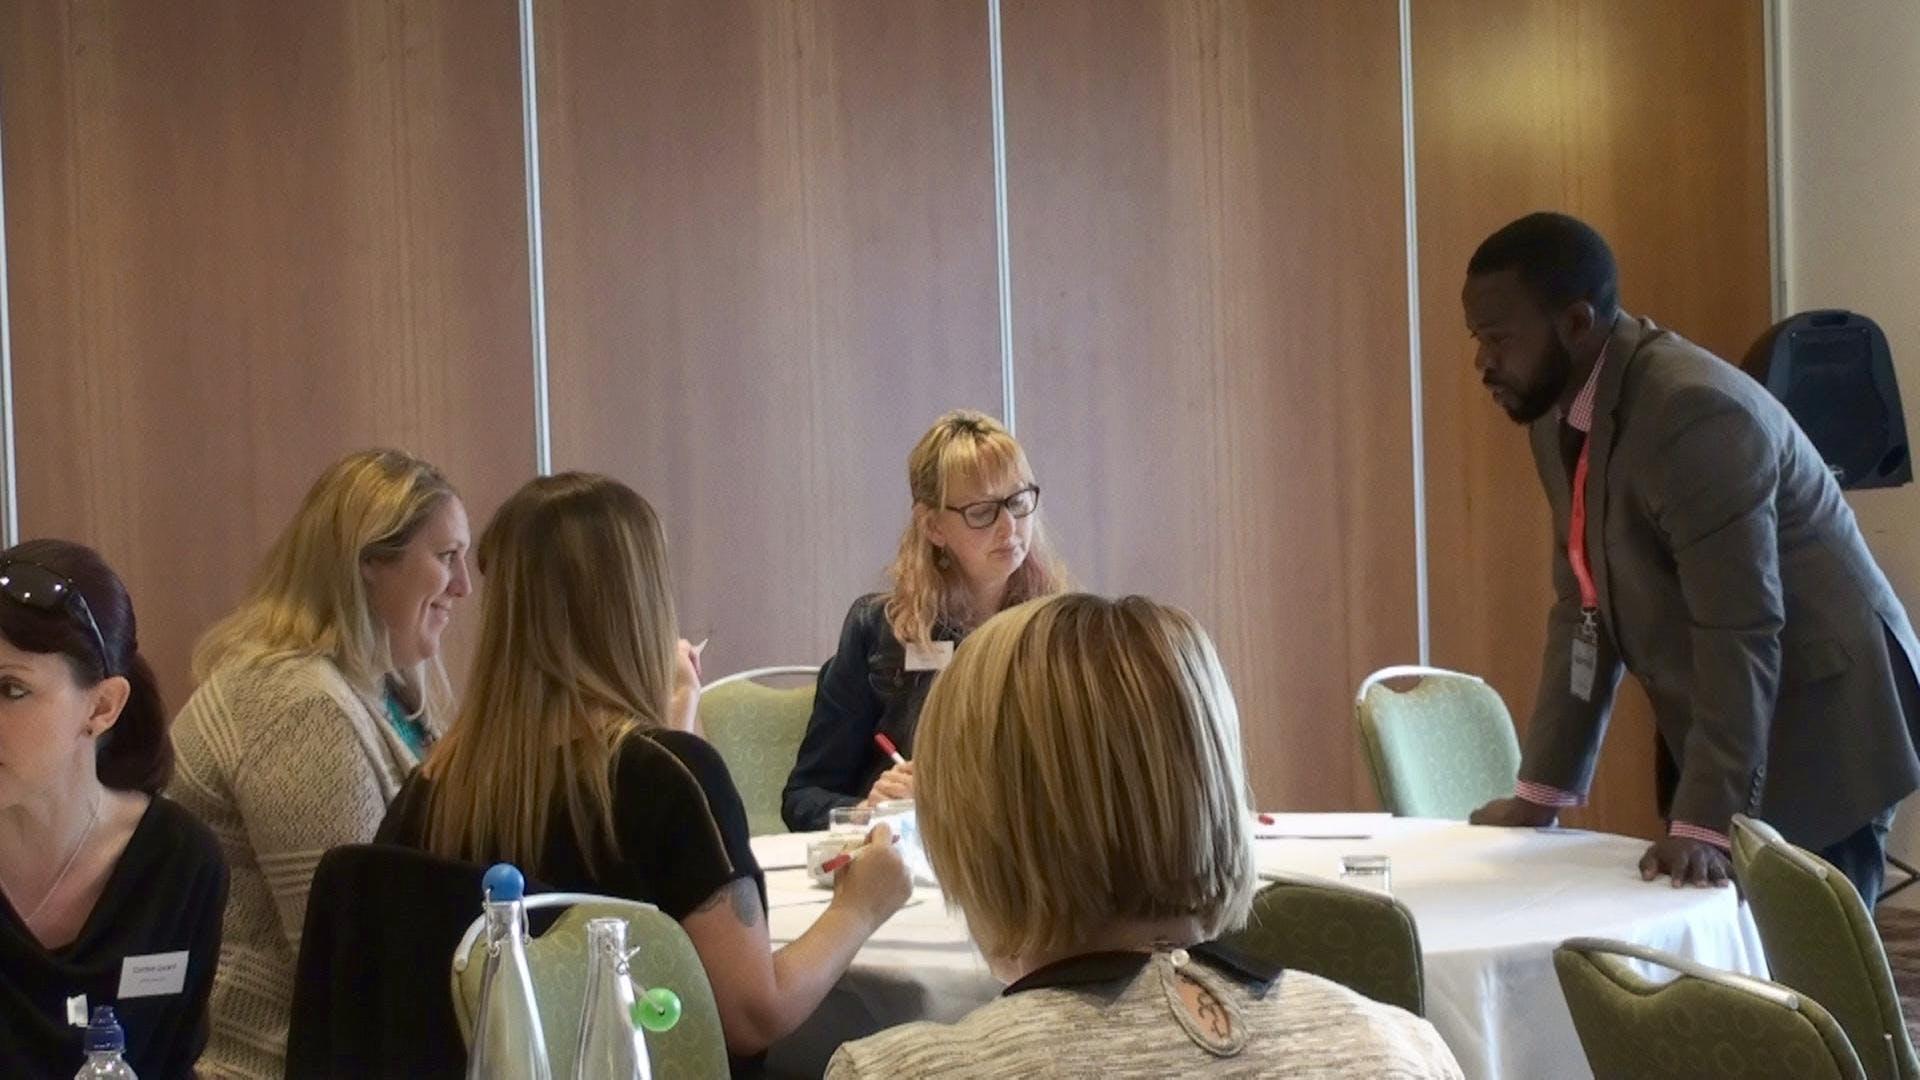 Workshop Blackpool: Treating Generalised Anxi